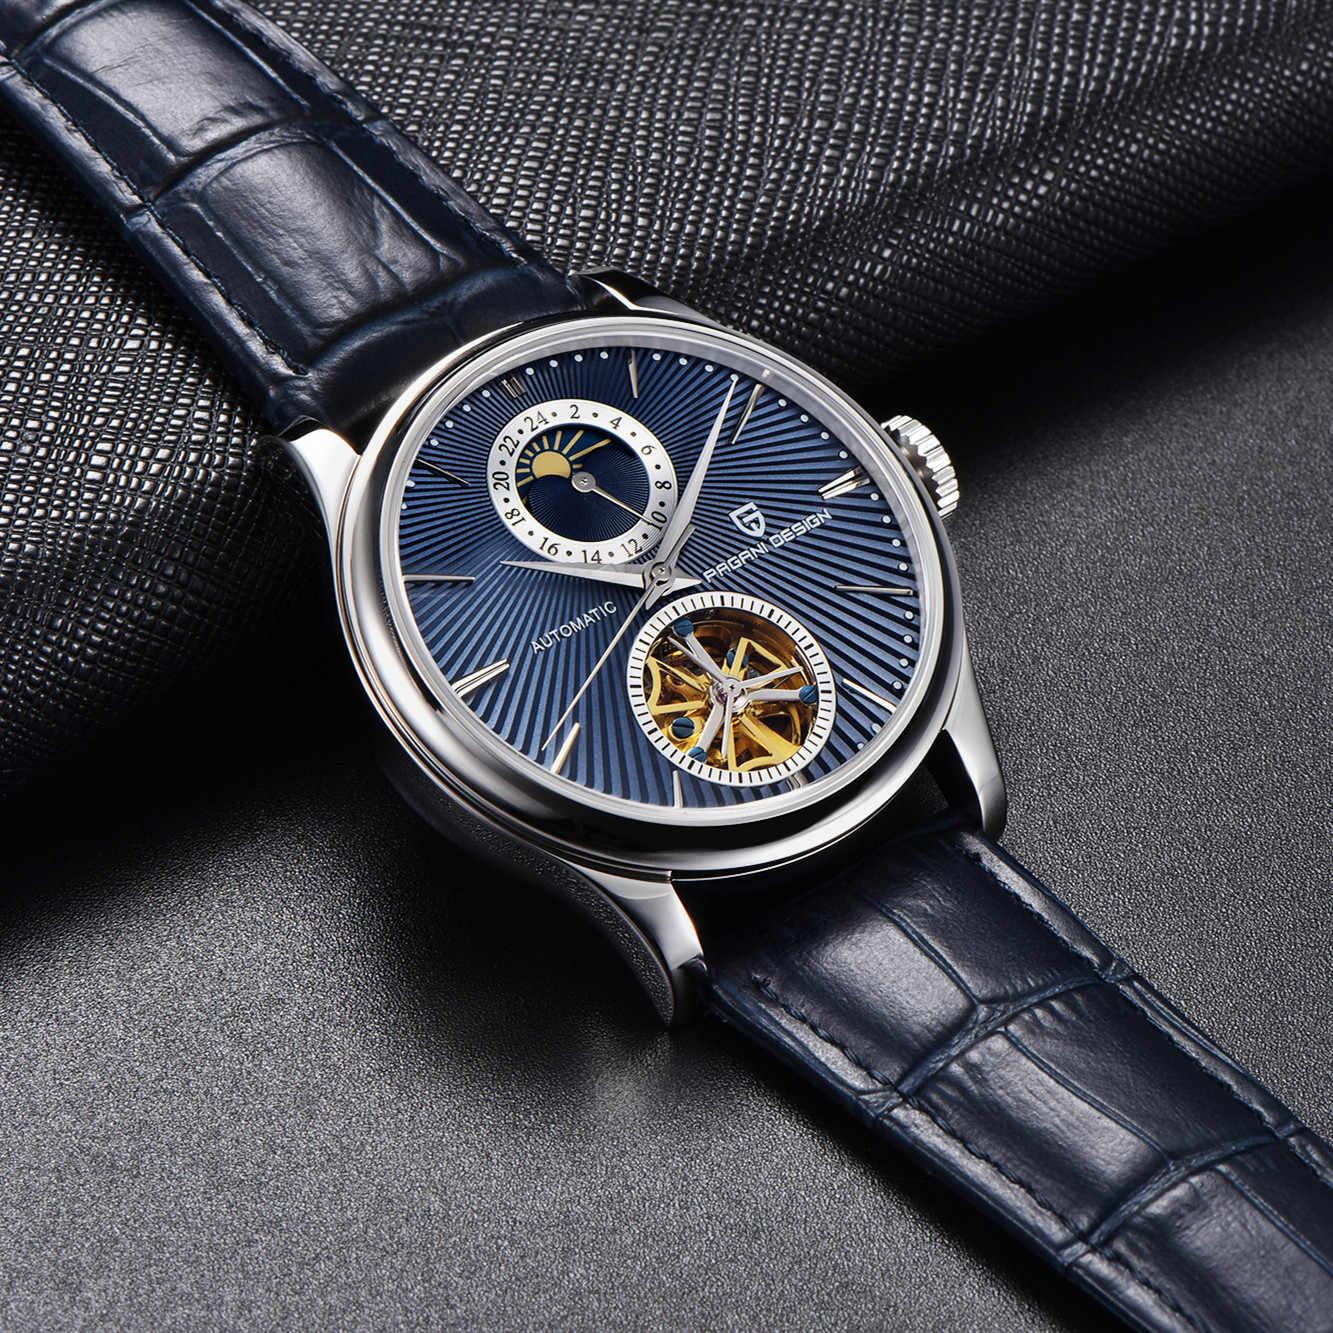 Reloj PAGANI DESIGN męski zegarek mechaniczny Tourbillon luksusowa marka odzieżowa skórzany męski sportowy automatyczny zegarek Relogio Masculino